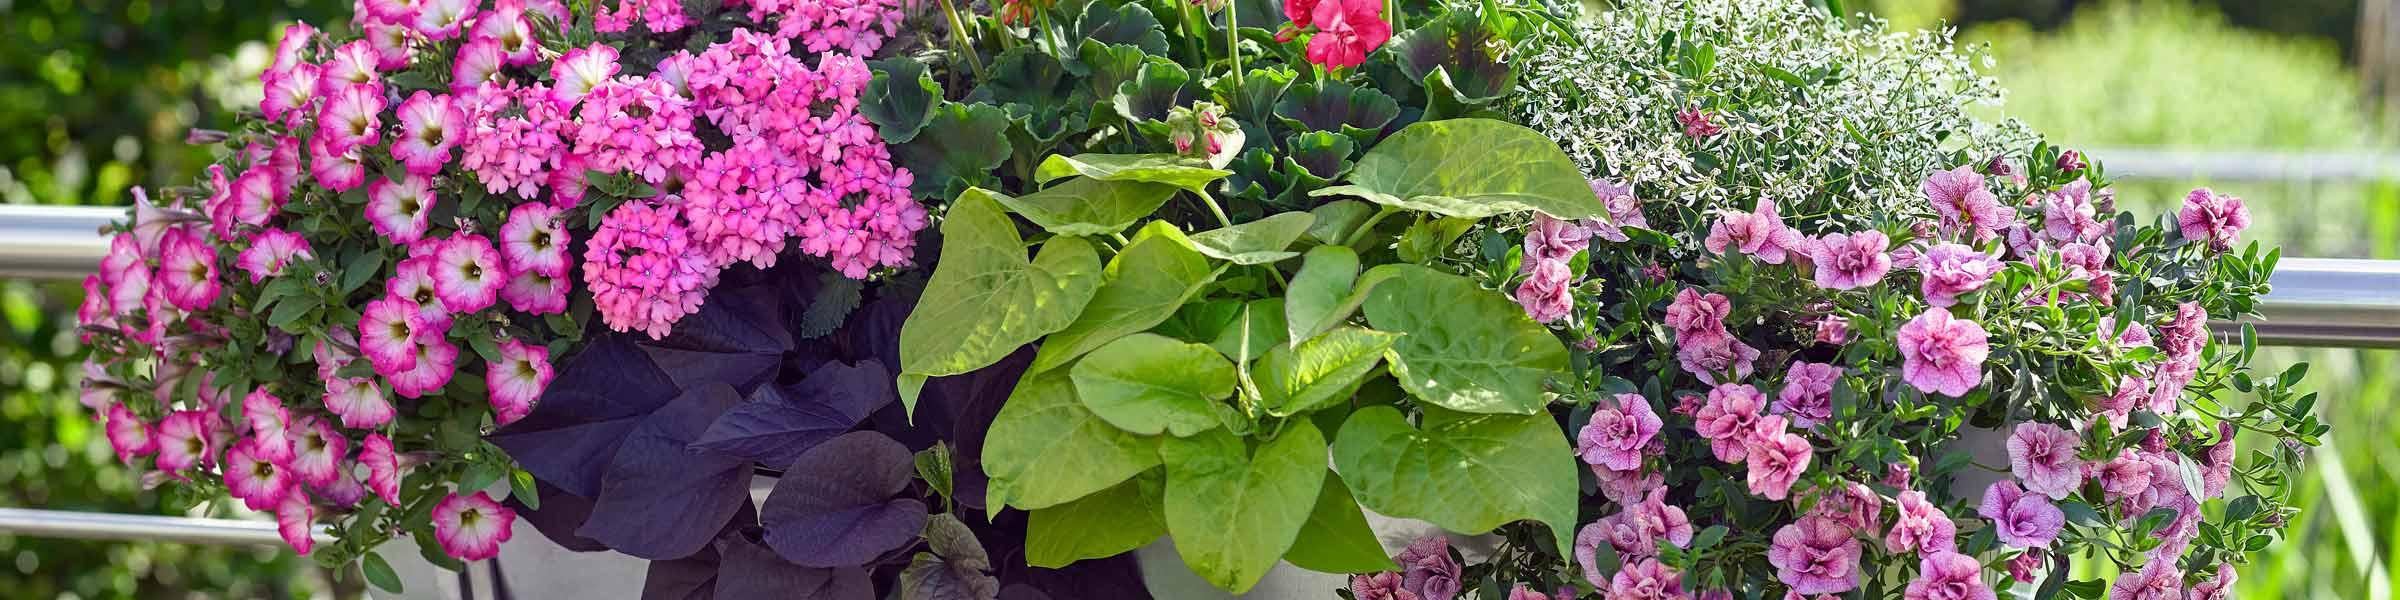 Balkonpflanzen In Grosser Auswahl Dehner